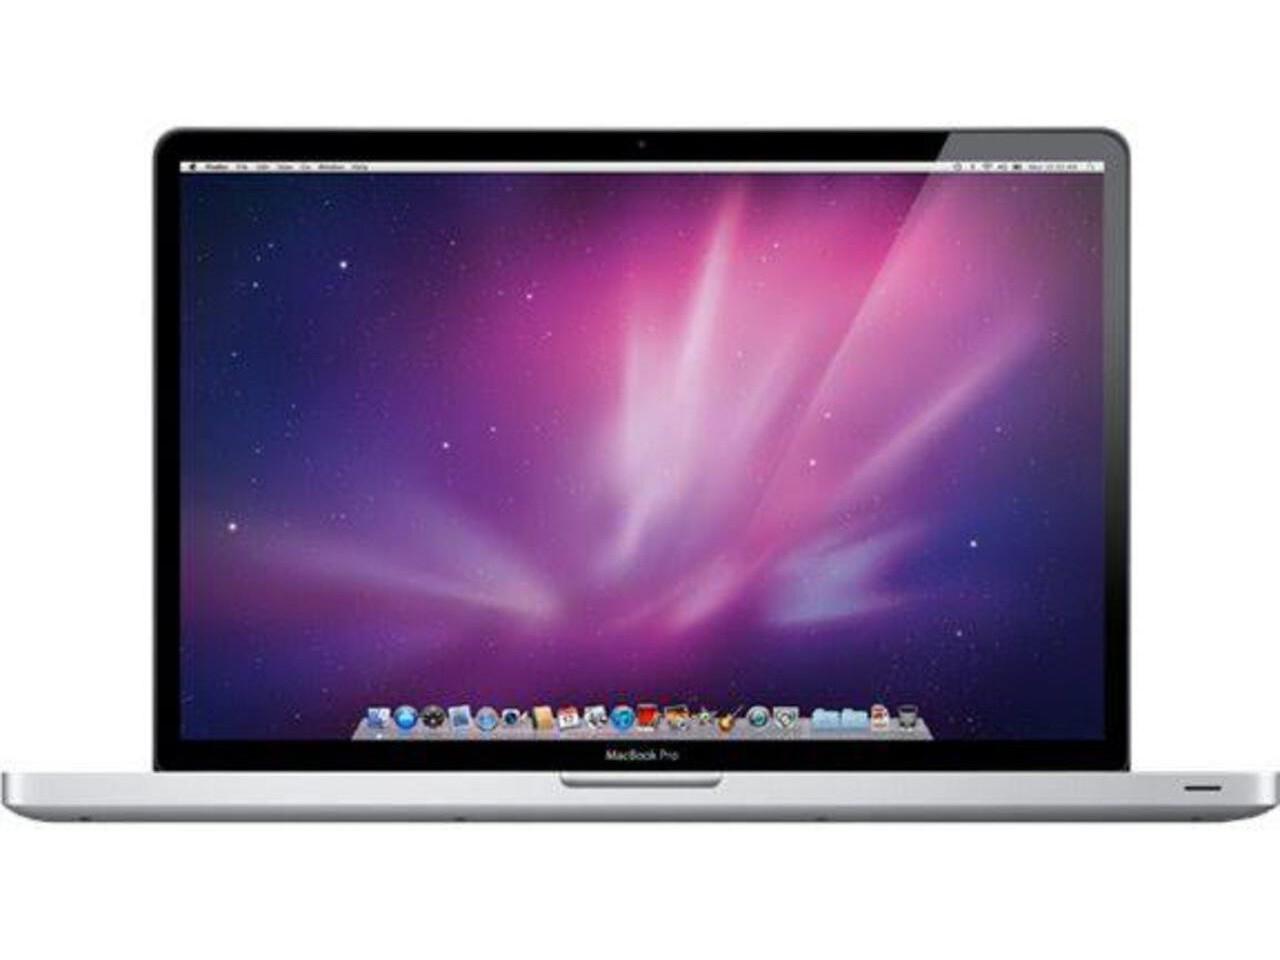 macbook pro 17 inch nr 2011 silver